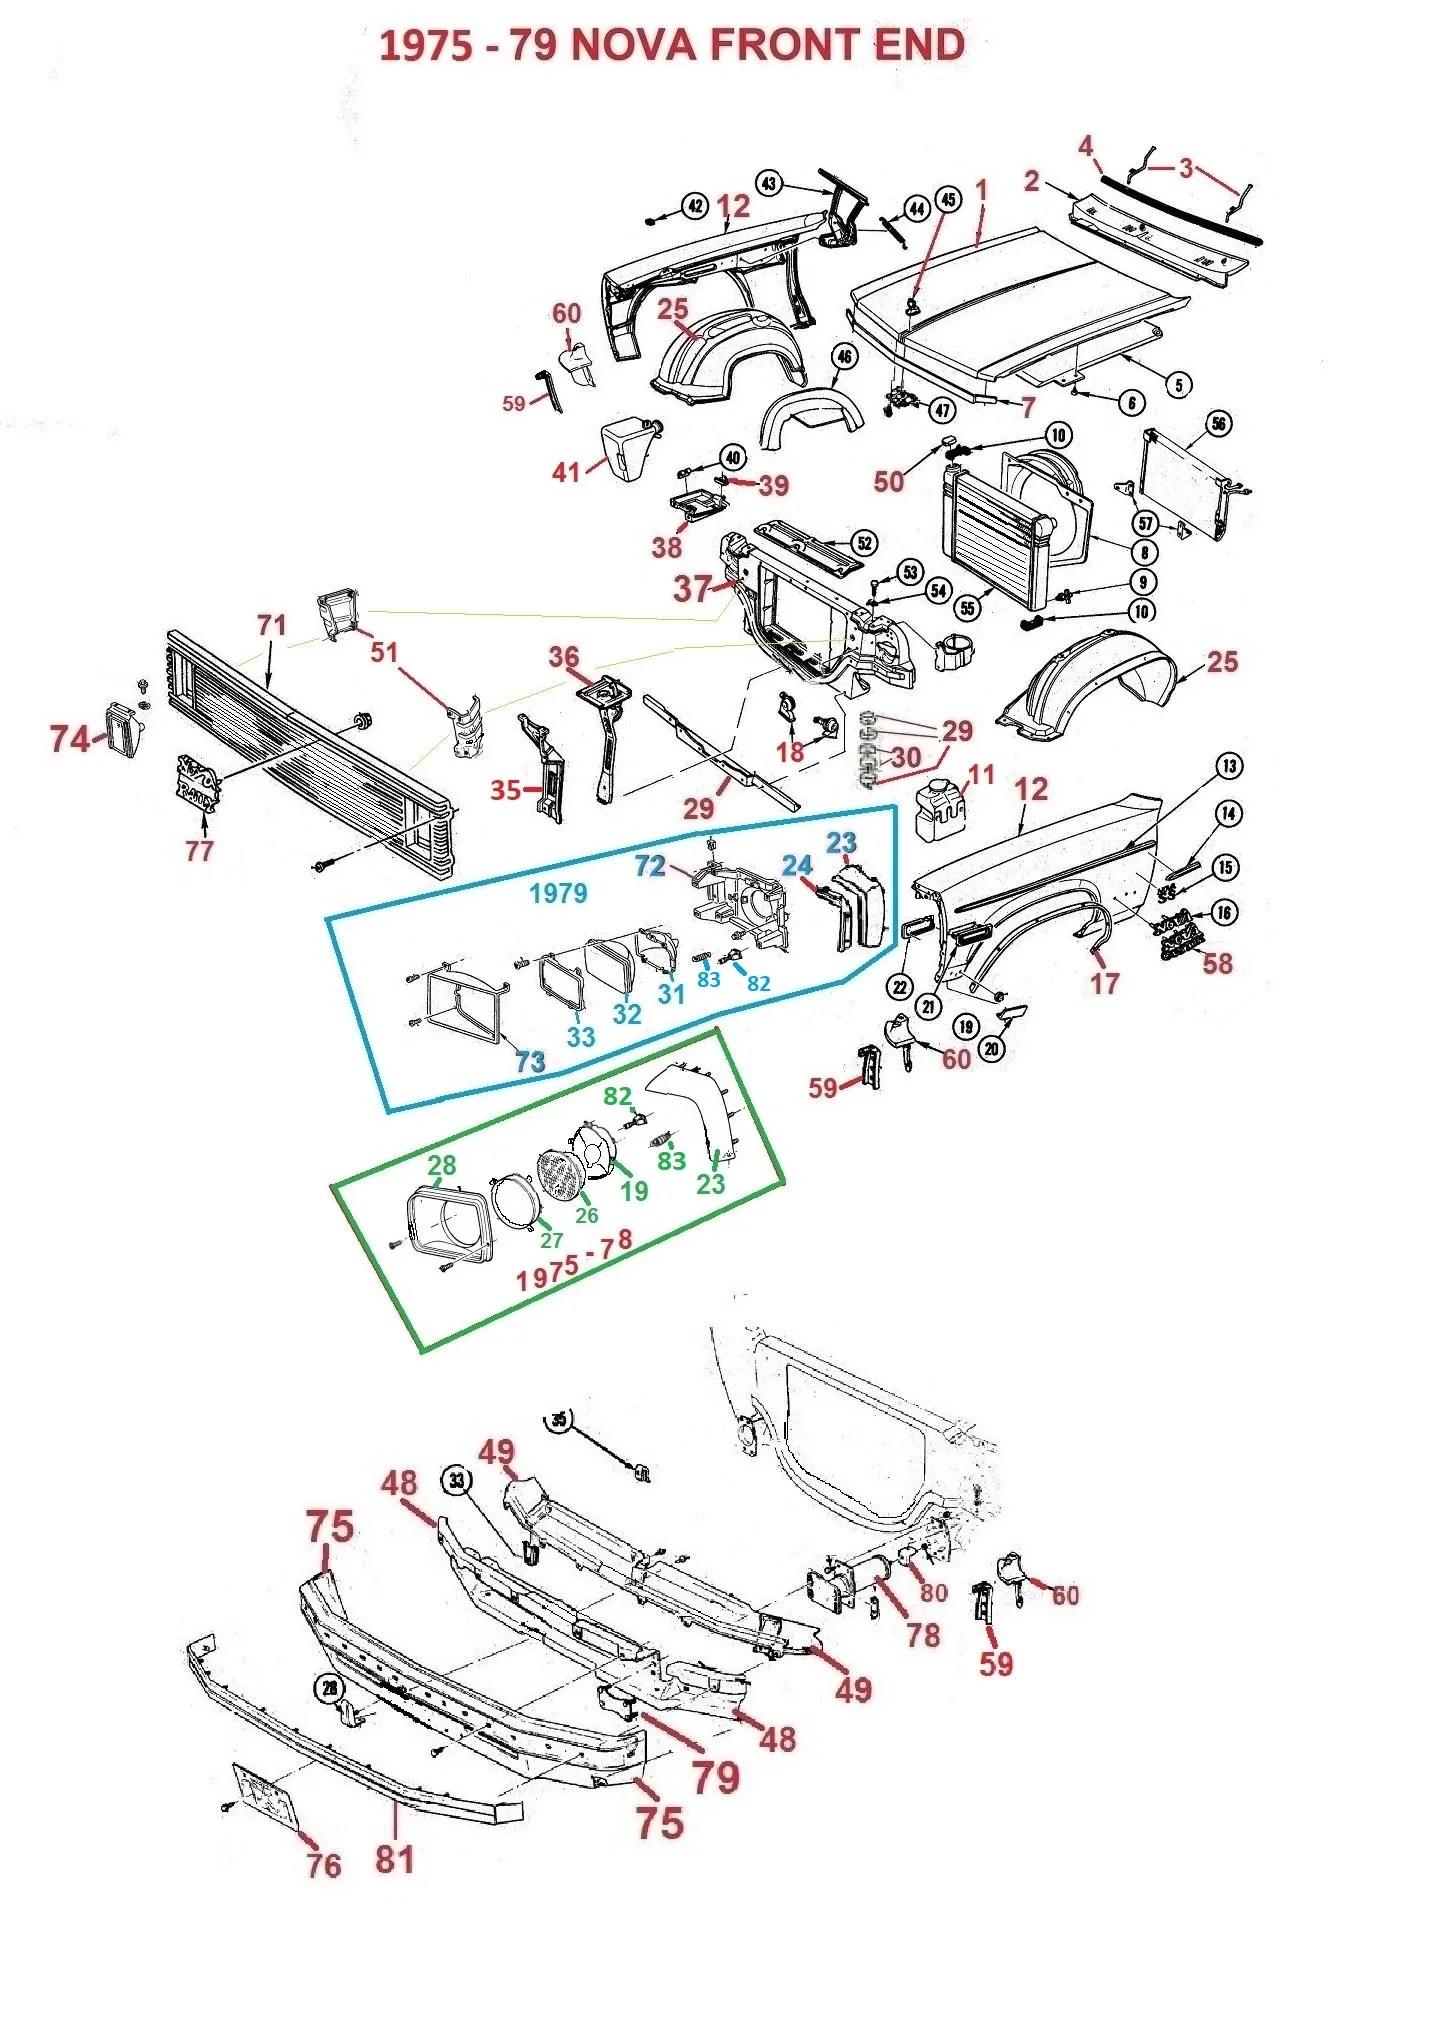 75 79 nova front end parts [ 1448 x 2032 Pixel ]